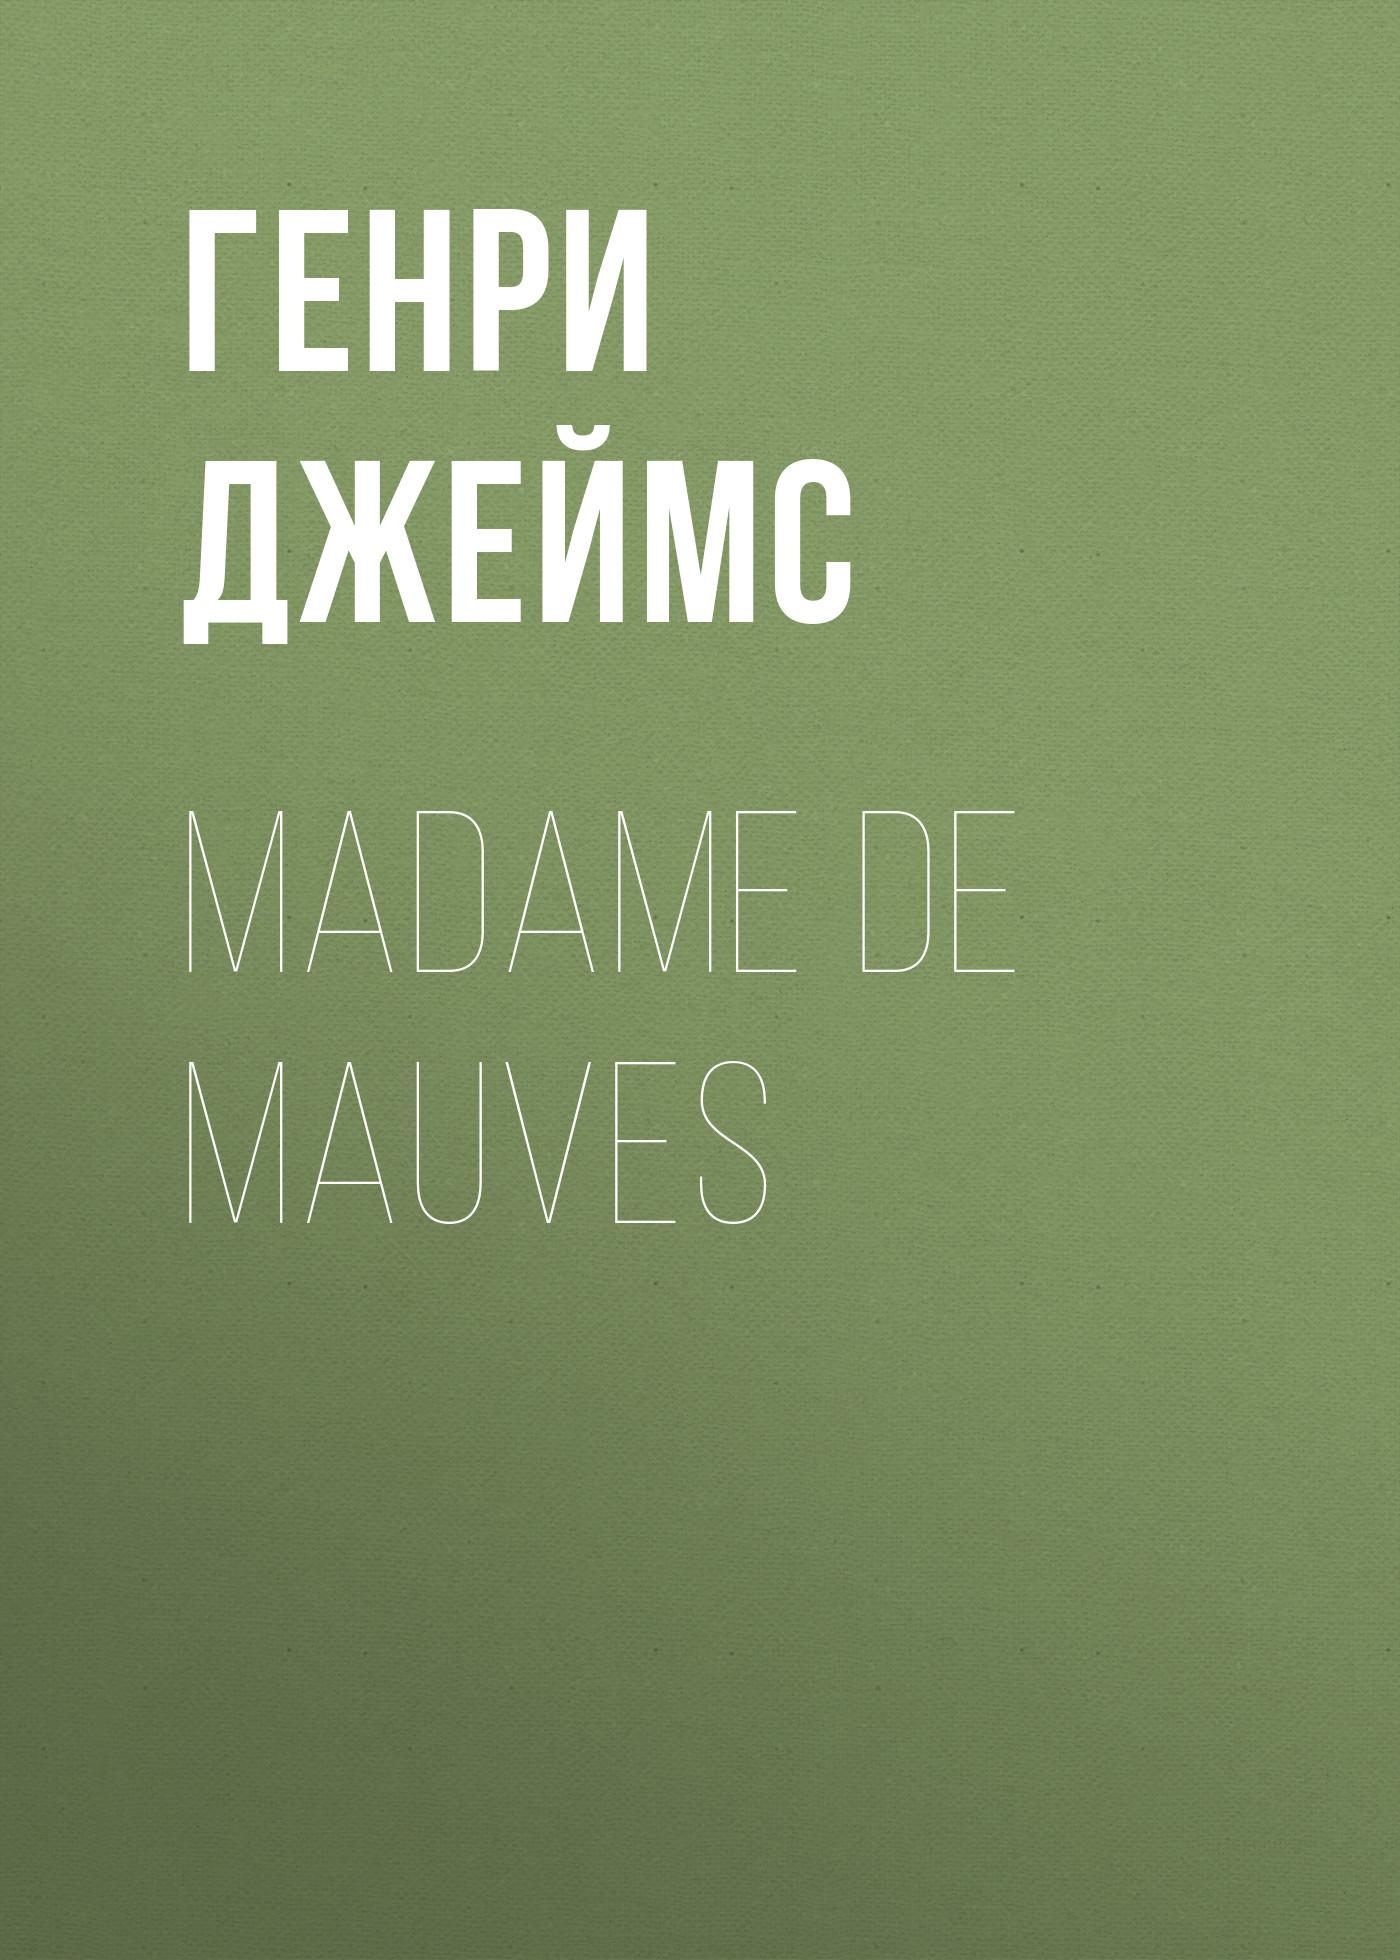 лучшая цена Генри Джеймс Madame De Mauves